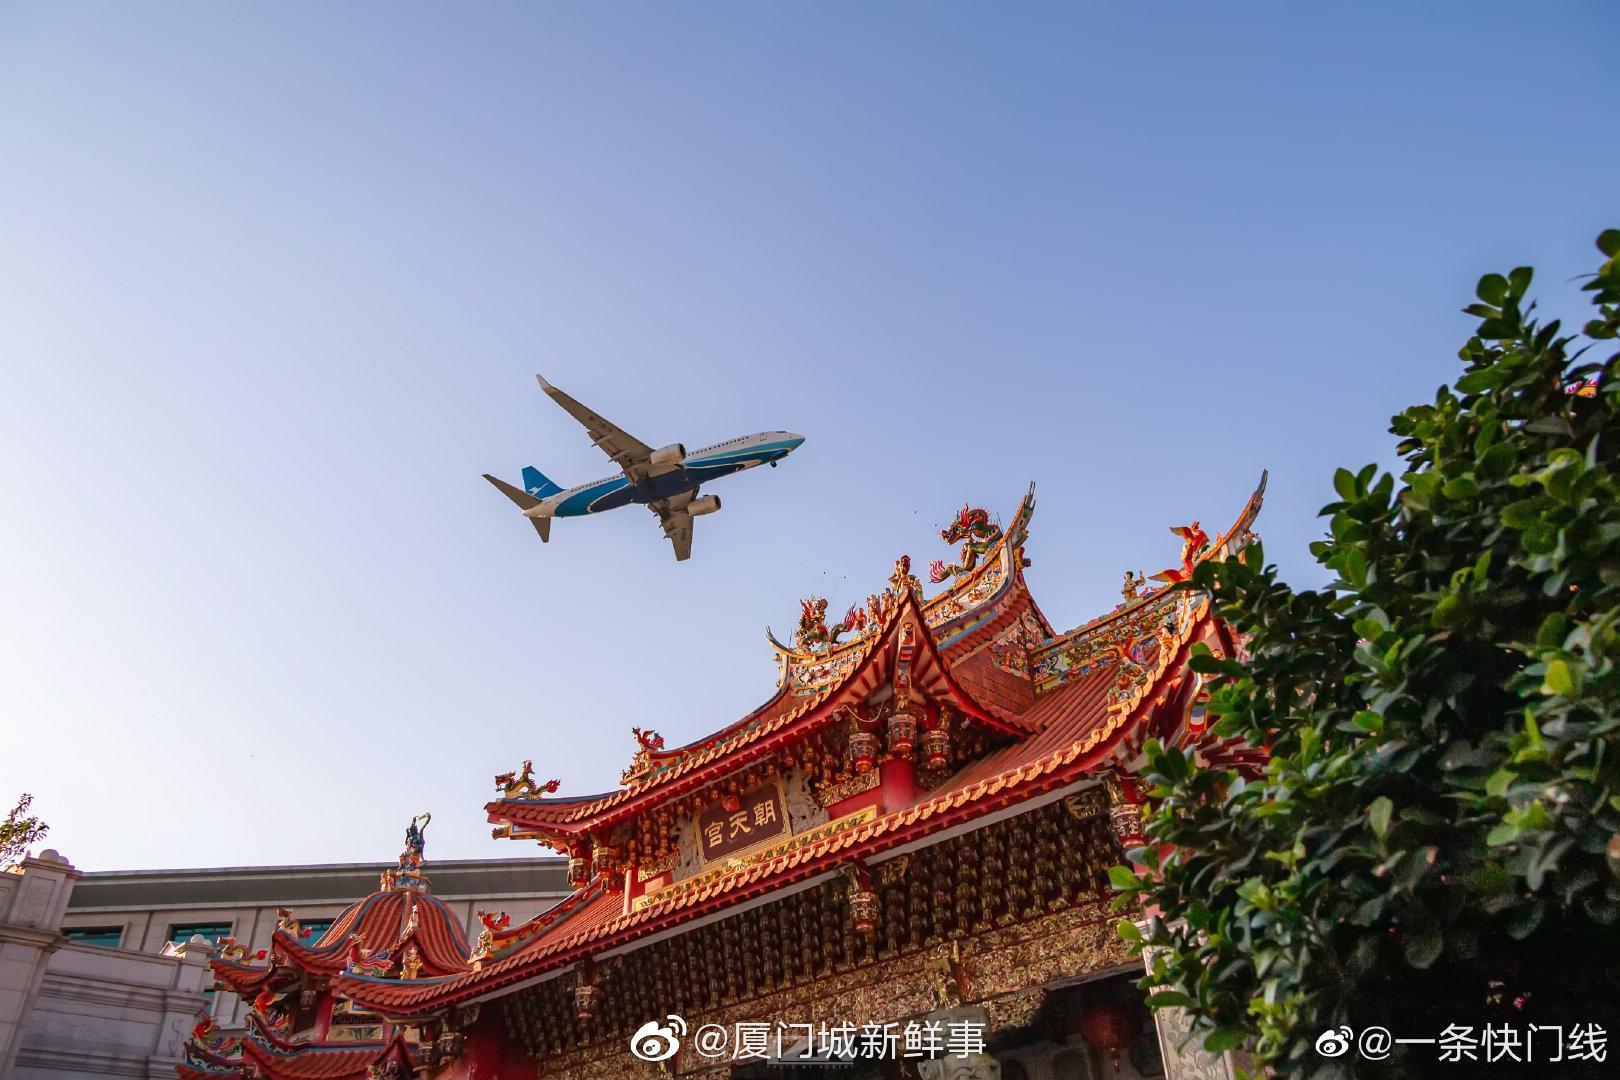 闽南古镇,古今穿越。✈️ ✈️ ✈️ (摄影/@一条快门线 )